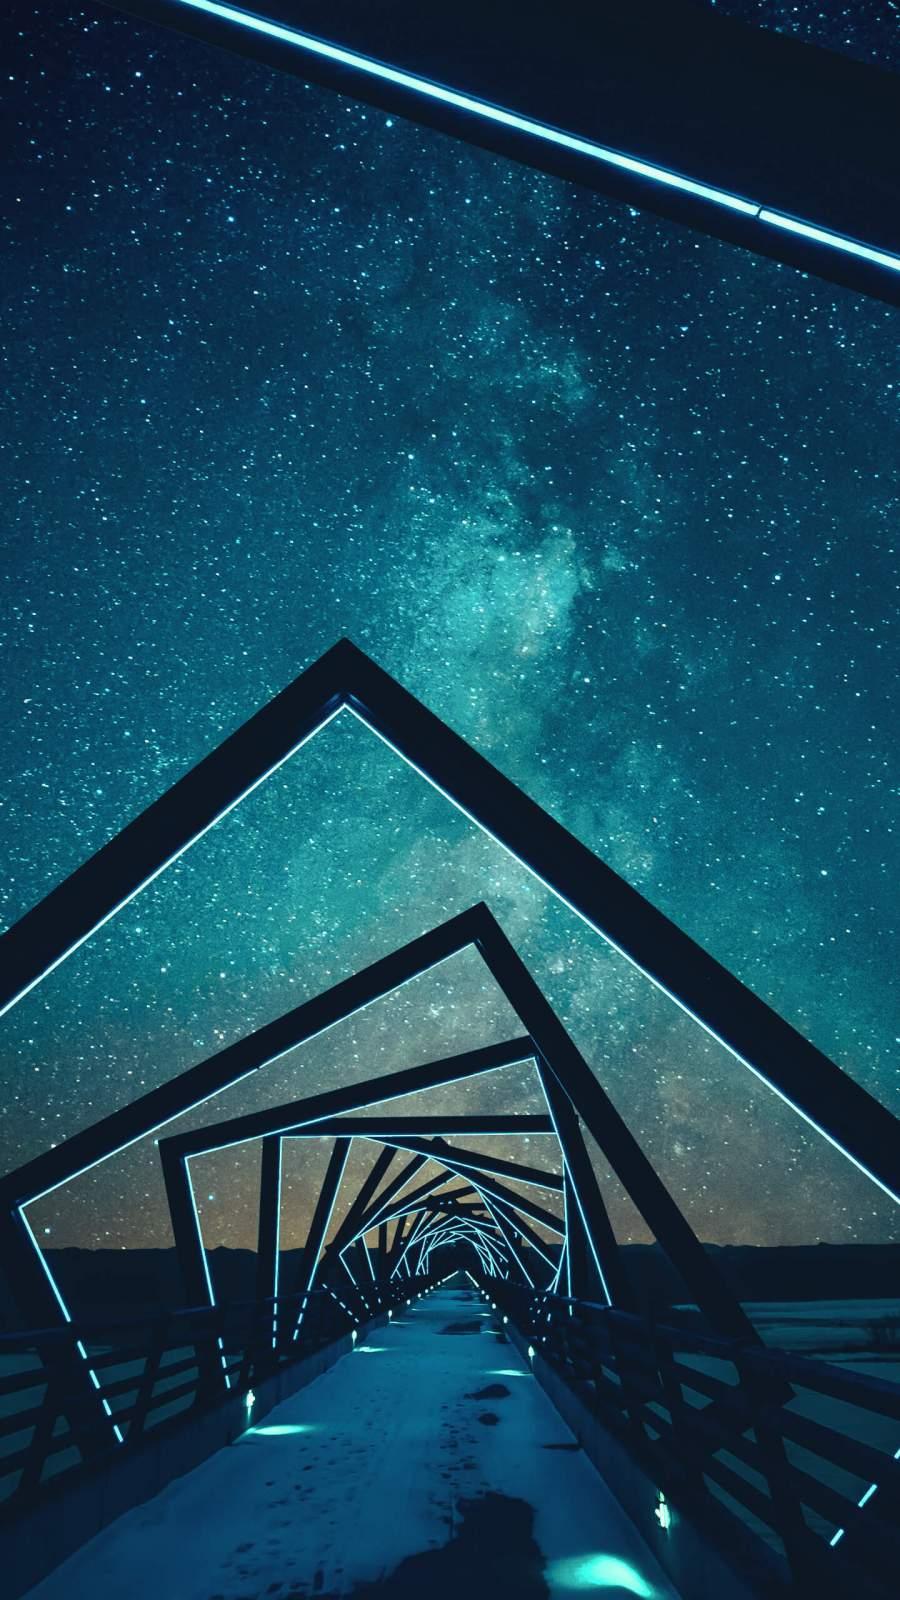 Deep Blue Sky iPhone Wallpaper